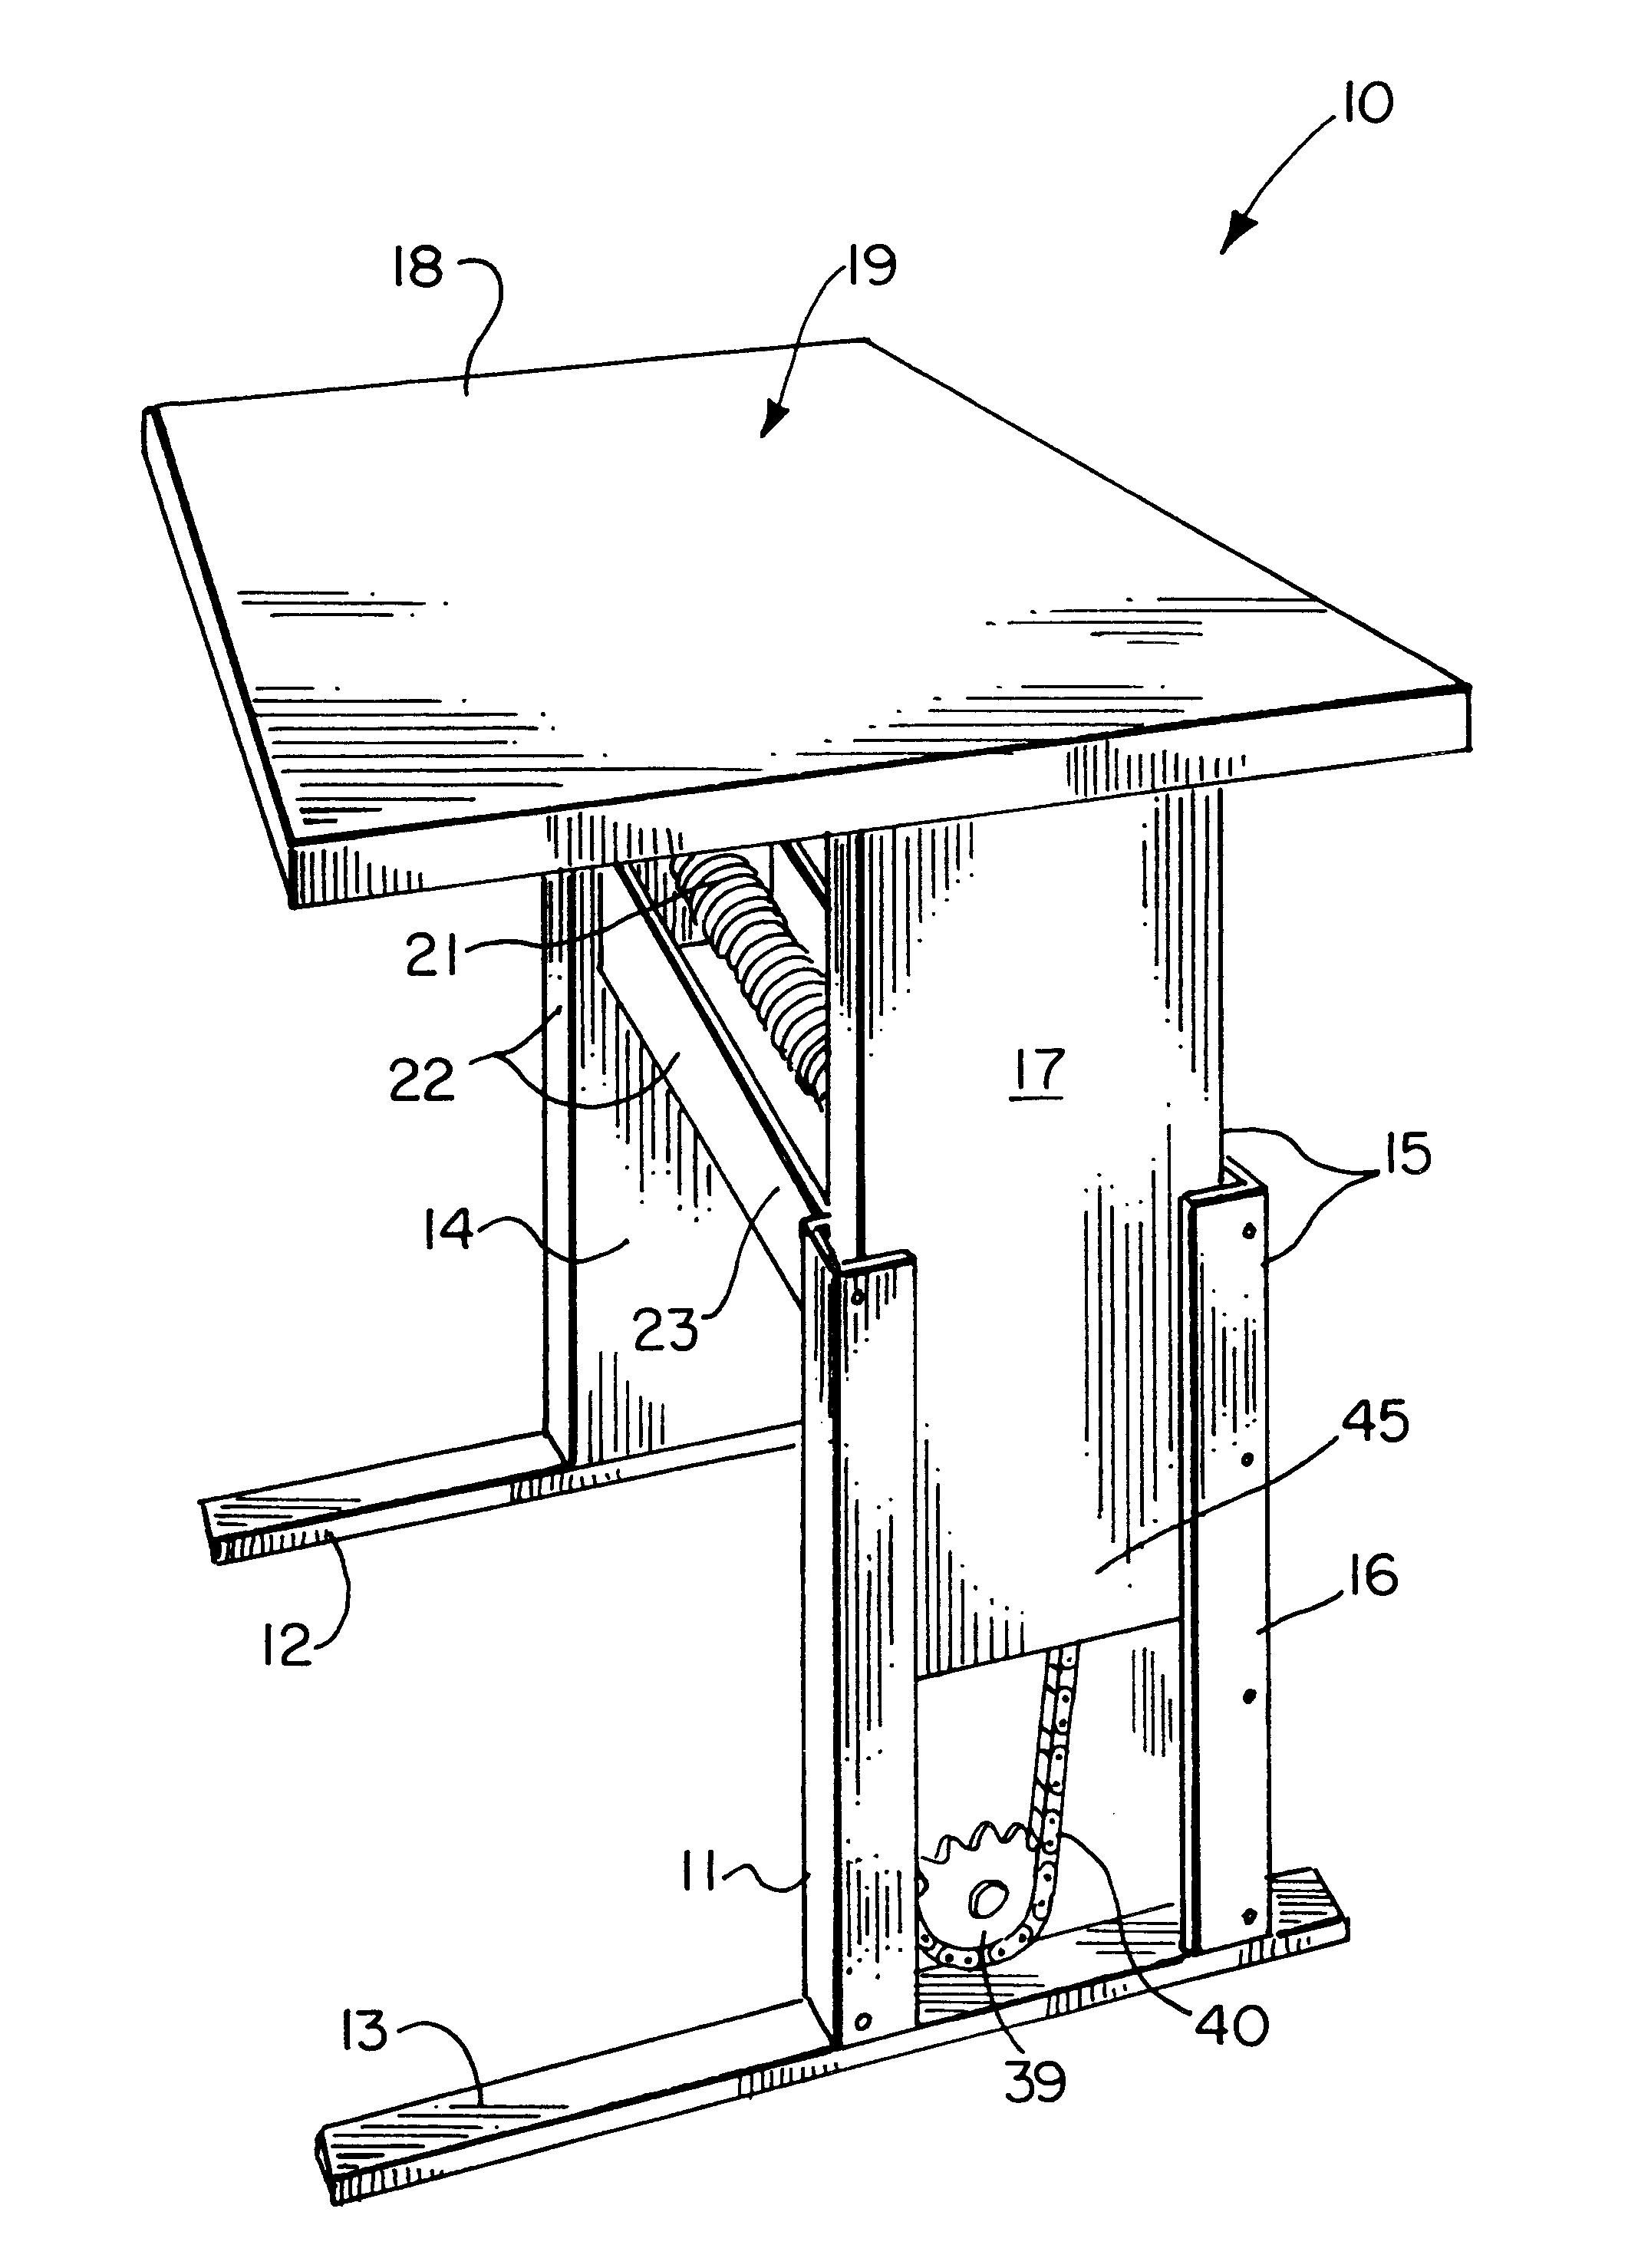 Adjustable Table Adjustable Table Height Mechanism - Adjustable height table mechanism